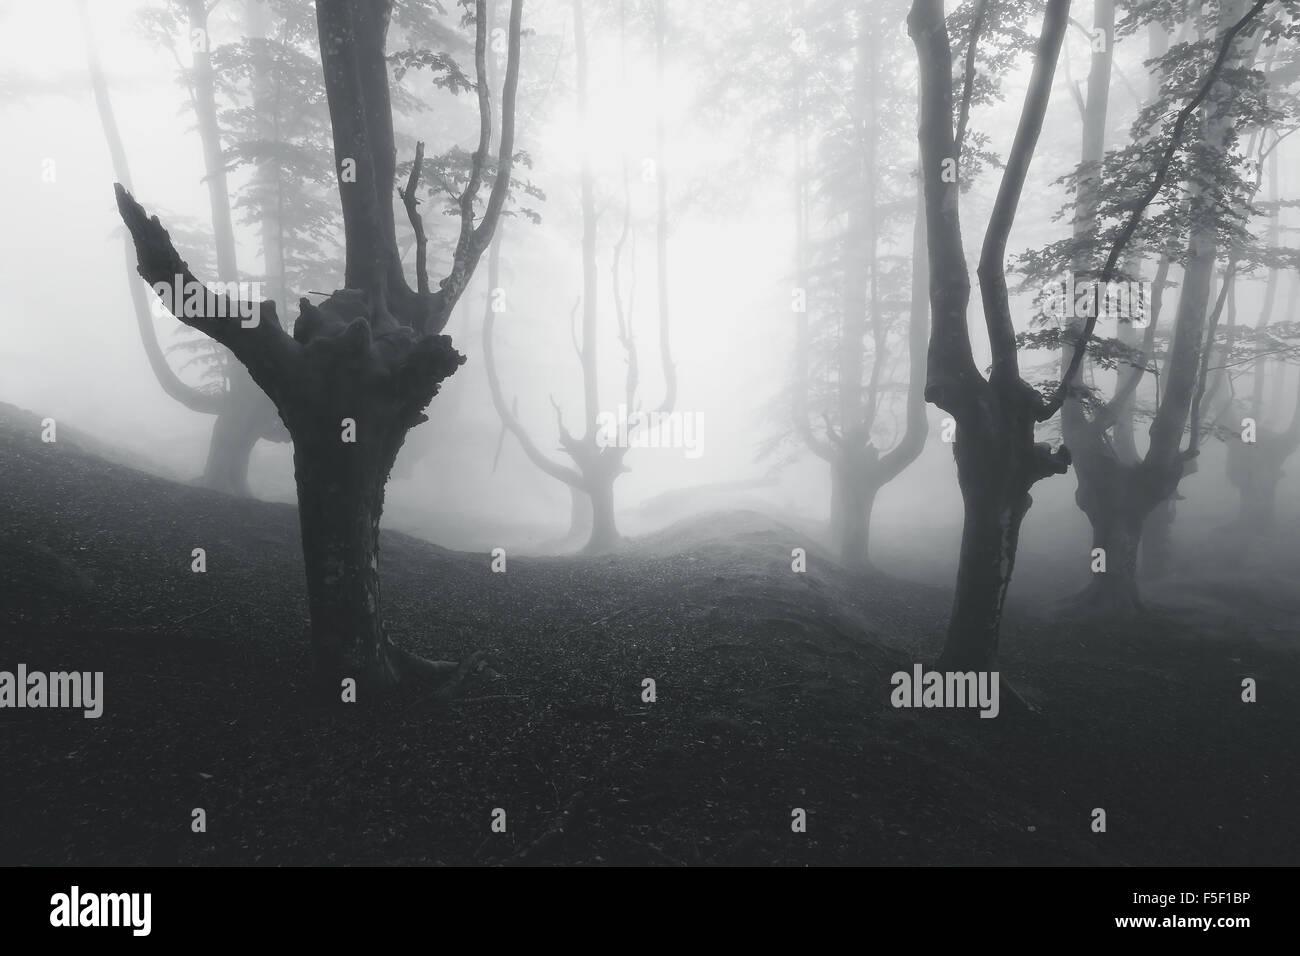 Creepy misteriosa foresta in bianco e nero Immagini Stock